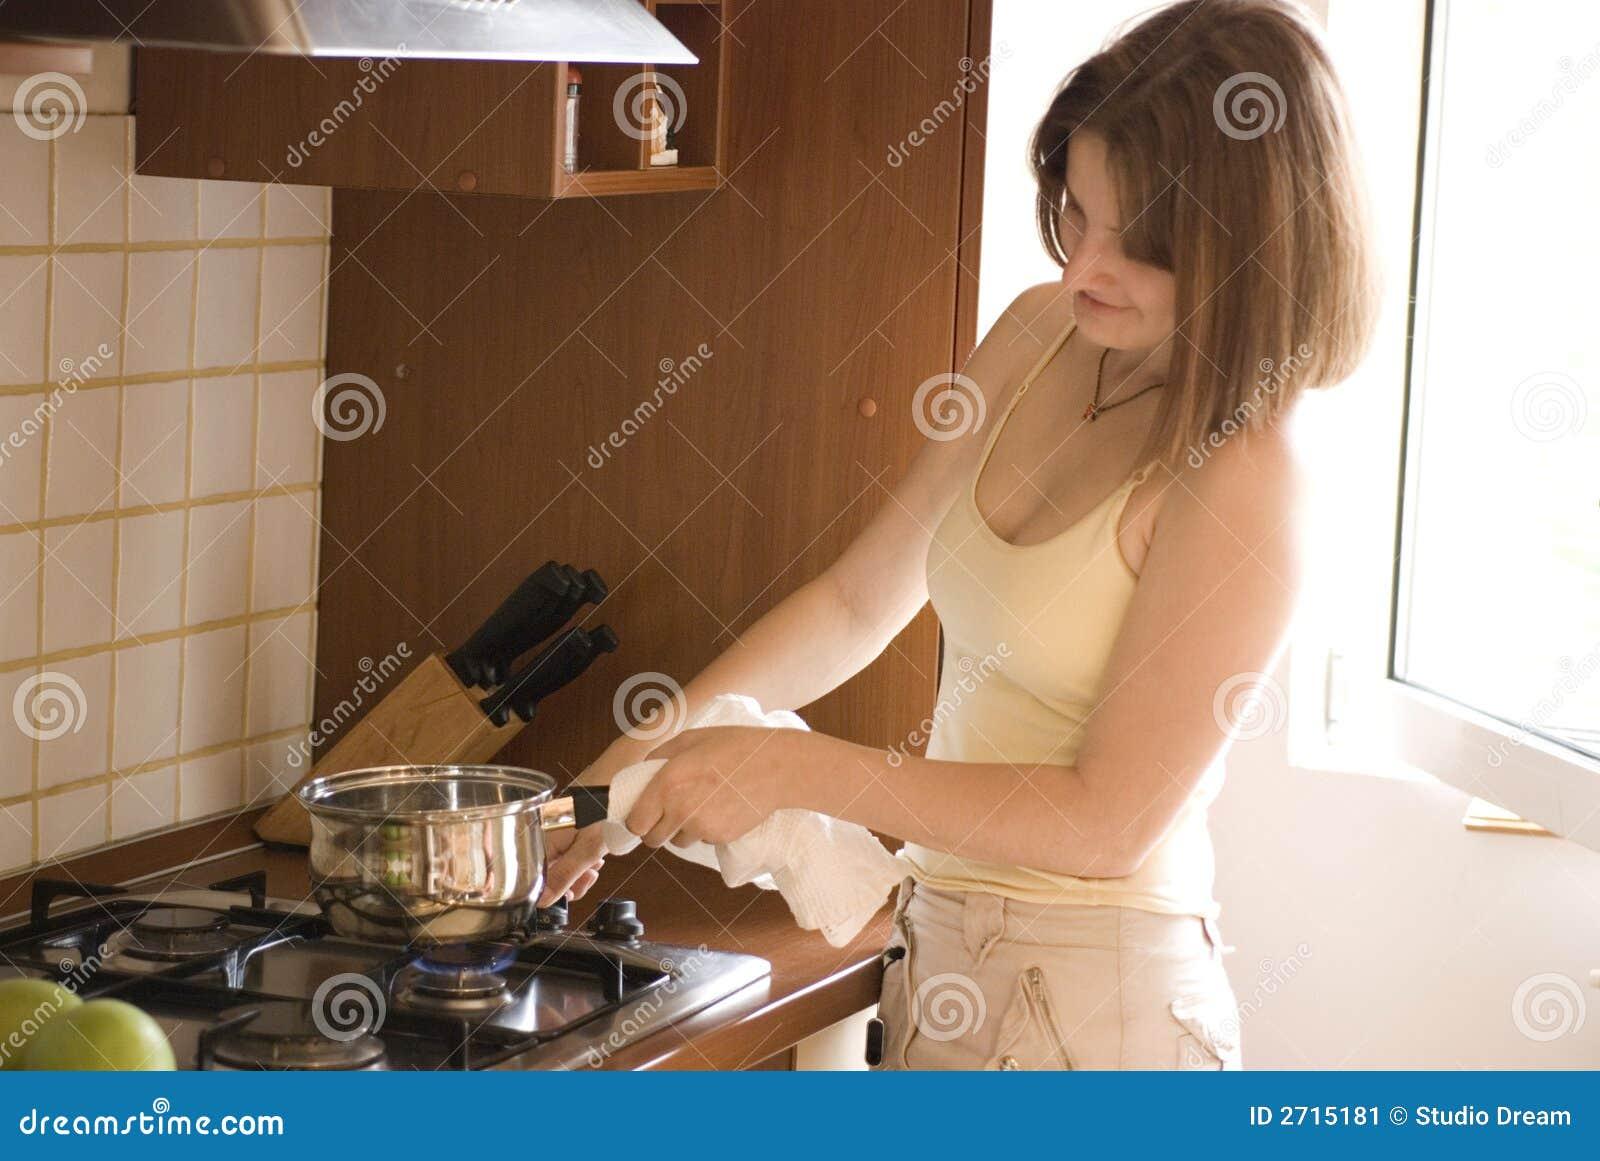 Femme occasionnel faisant cuire sur le poêle